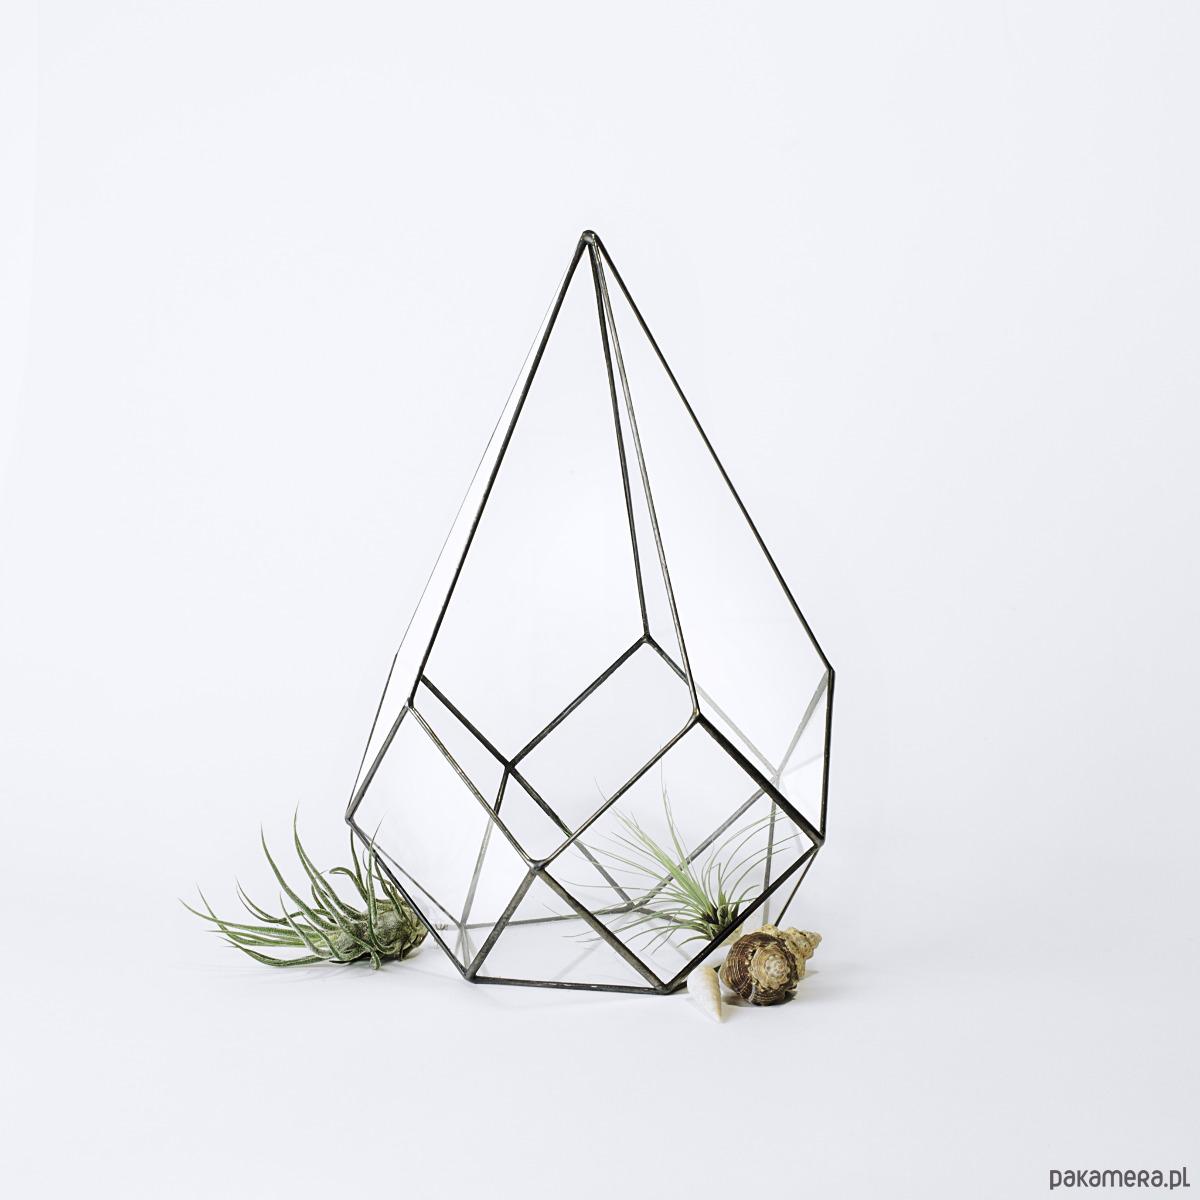 Doniczka Szklana Geometryczna Na Sukulenty Pakamerapl